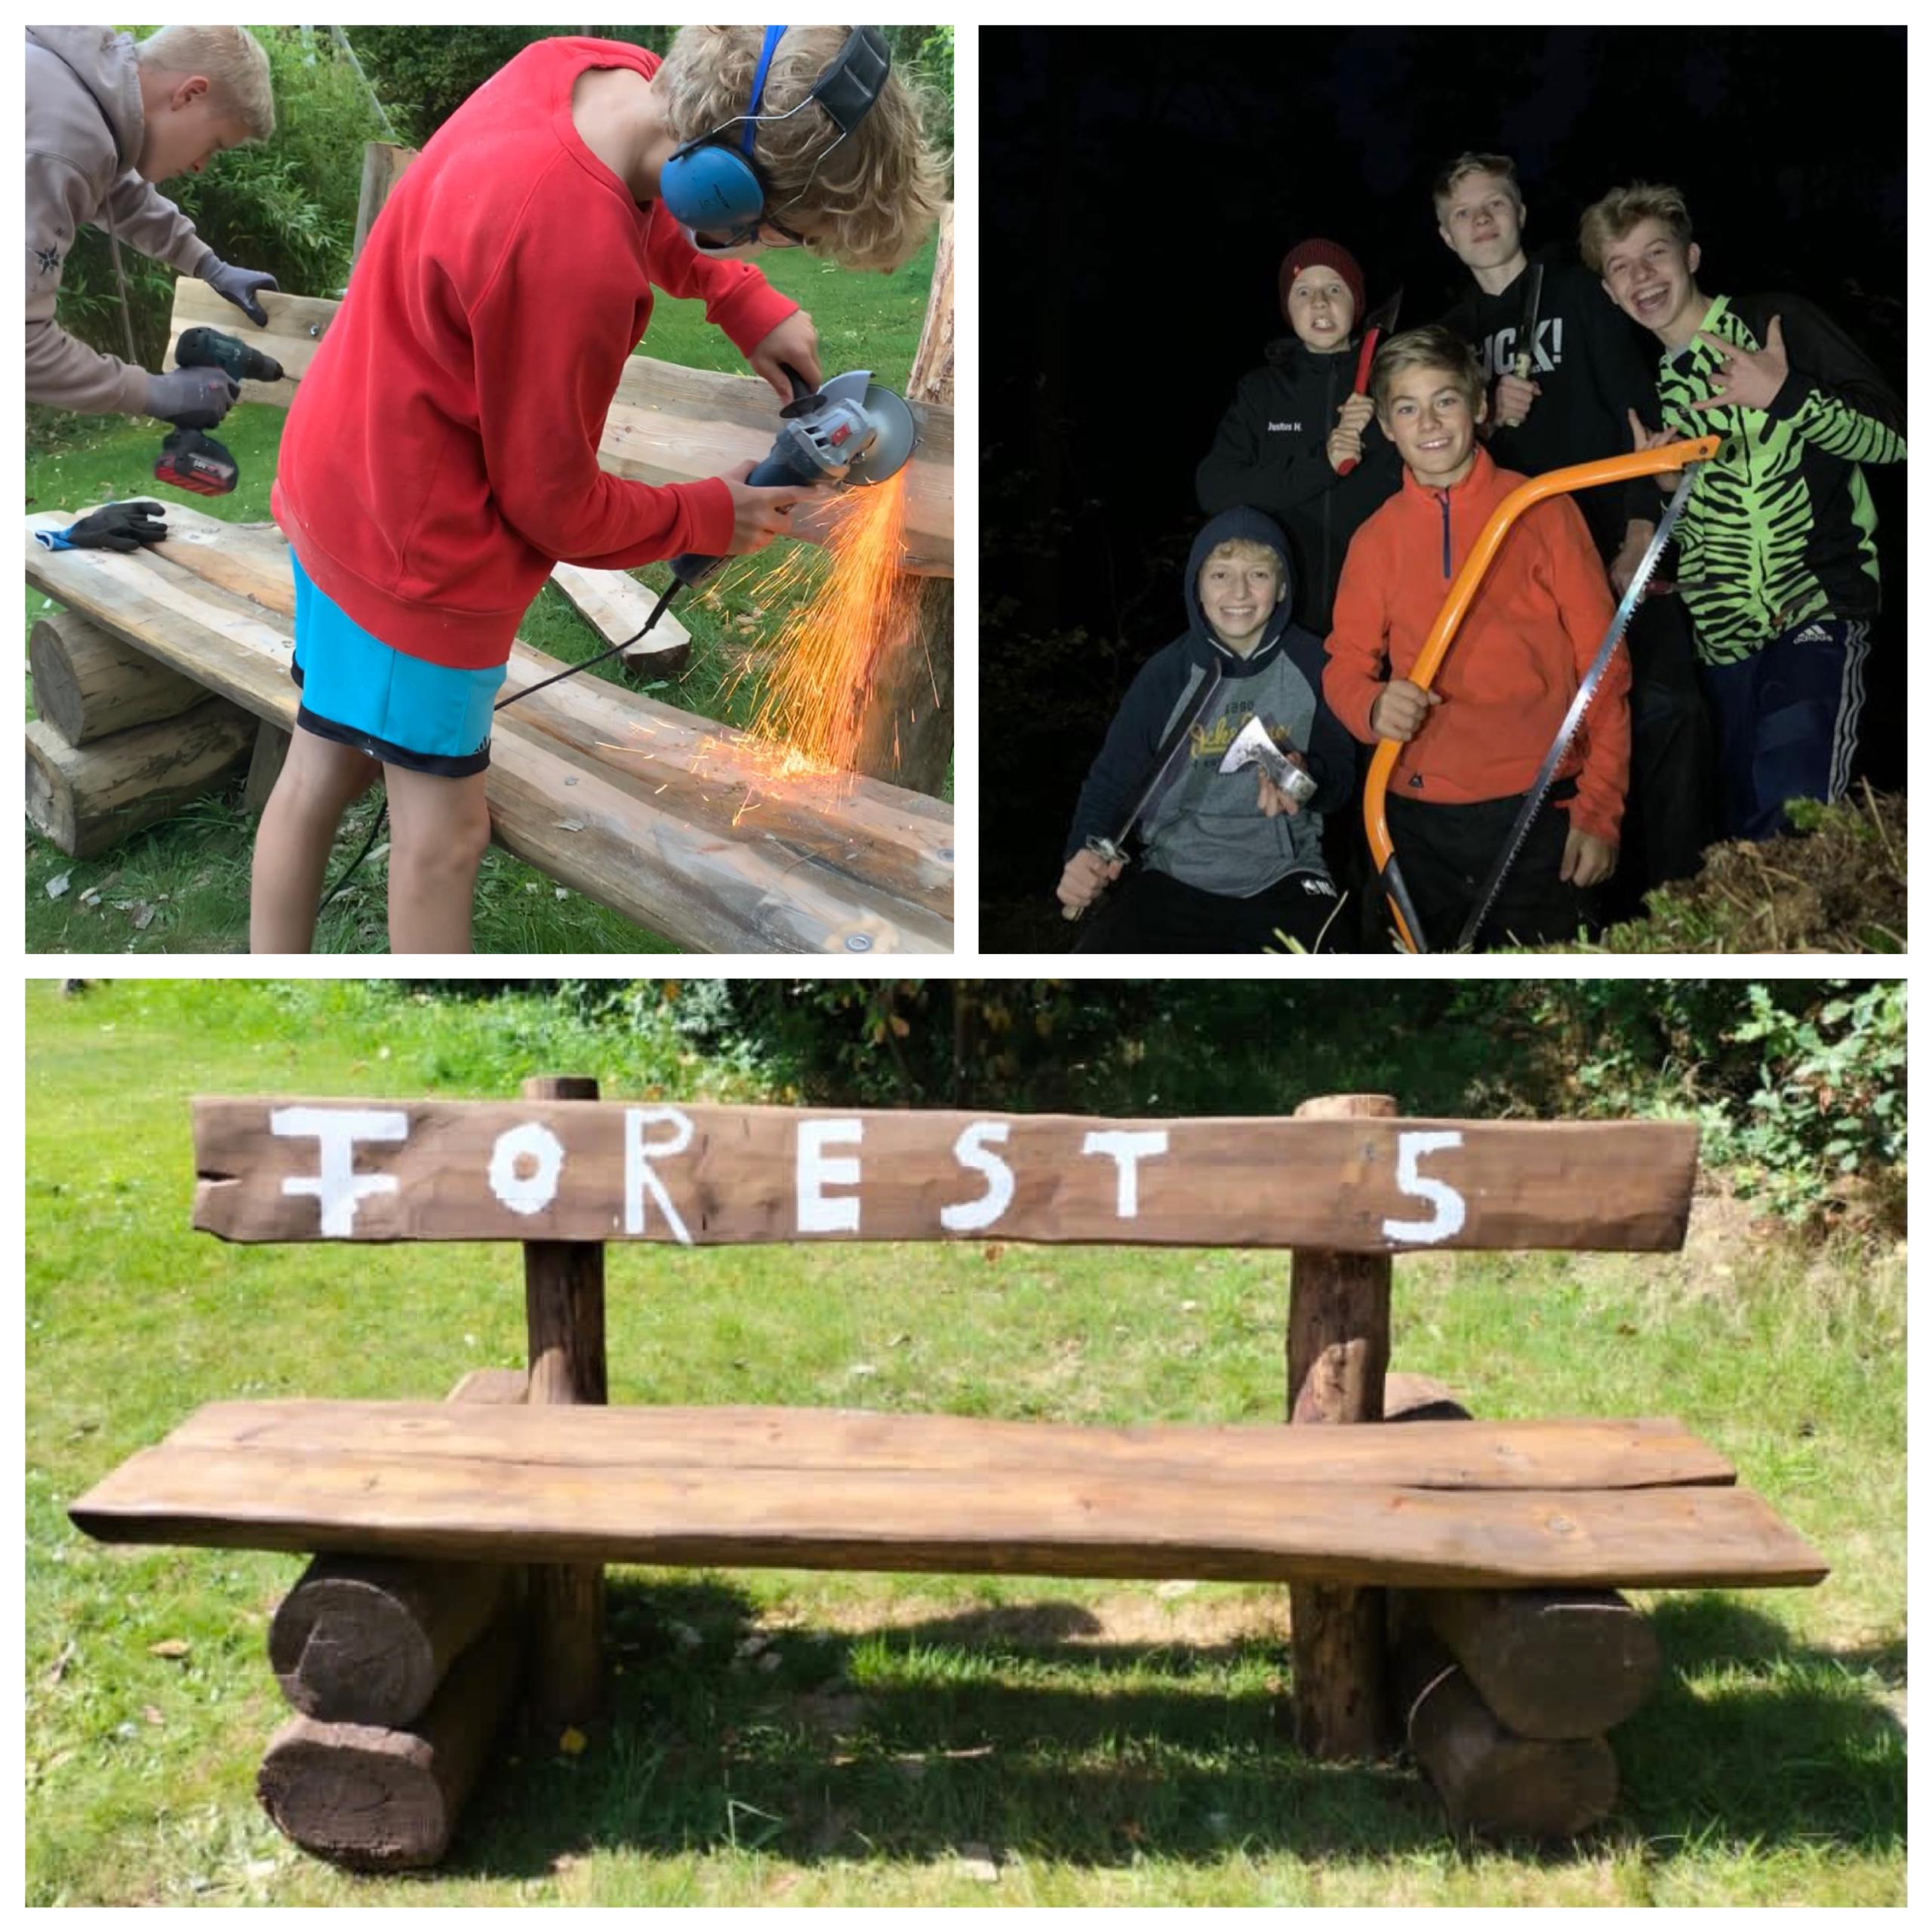 Forest 5 bauen Bank für Schüler und Schülerinnen des Georgianums